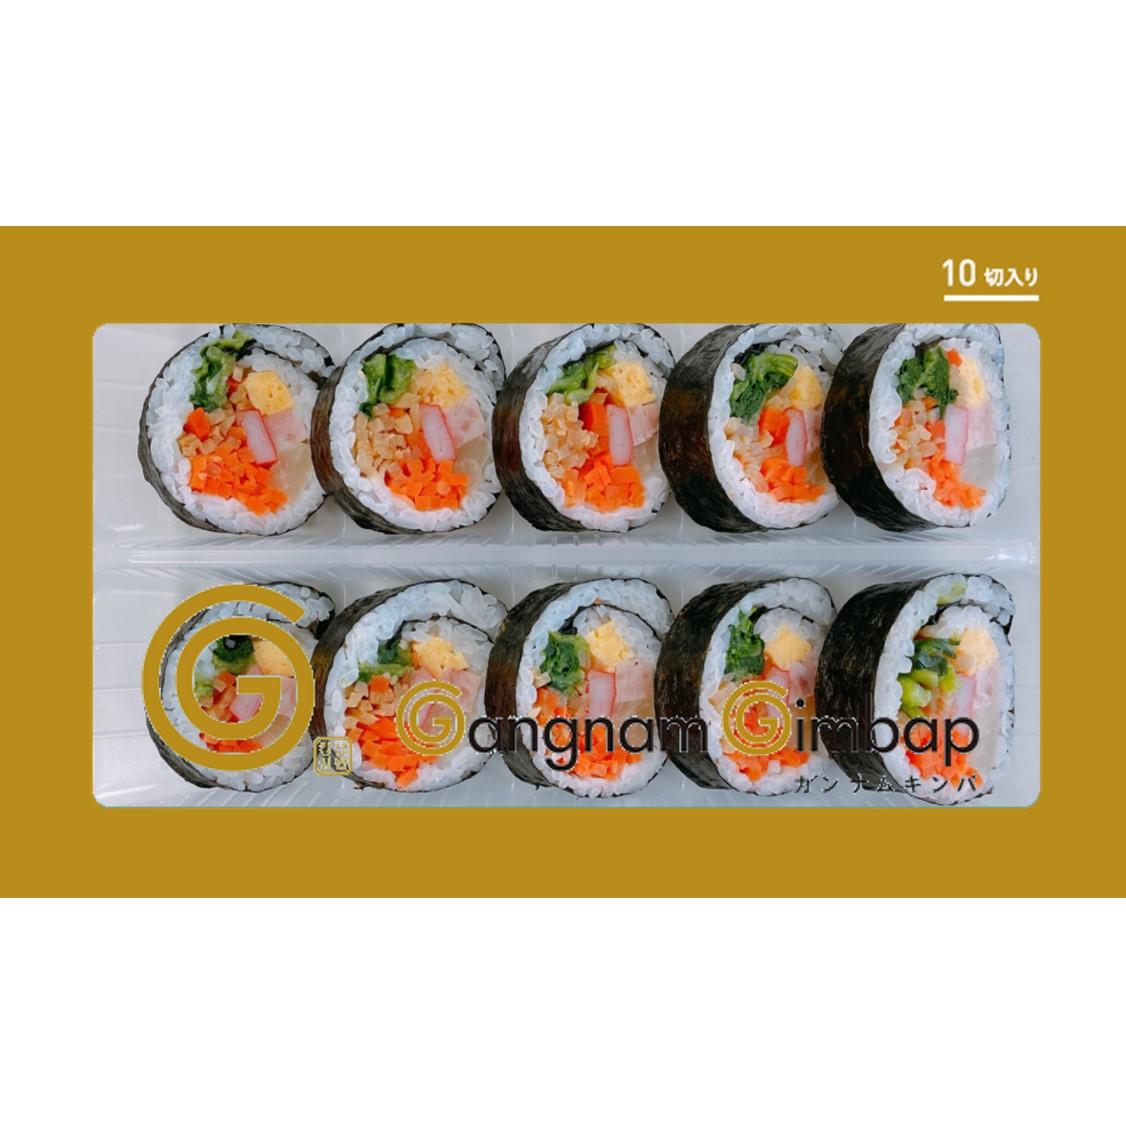 【冷凍】<カンナムキンパ>彩り野菜のキンパ(単品)